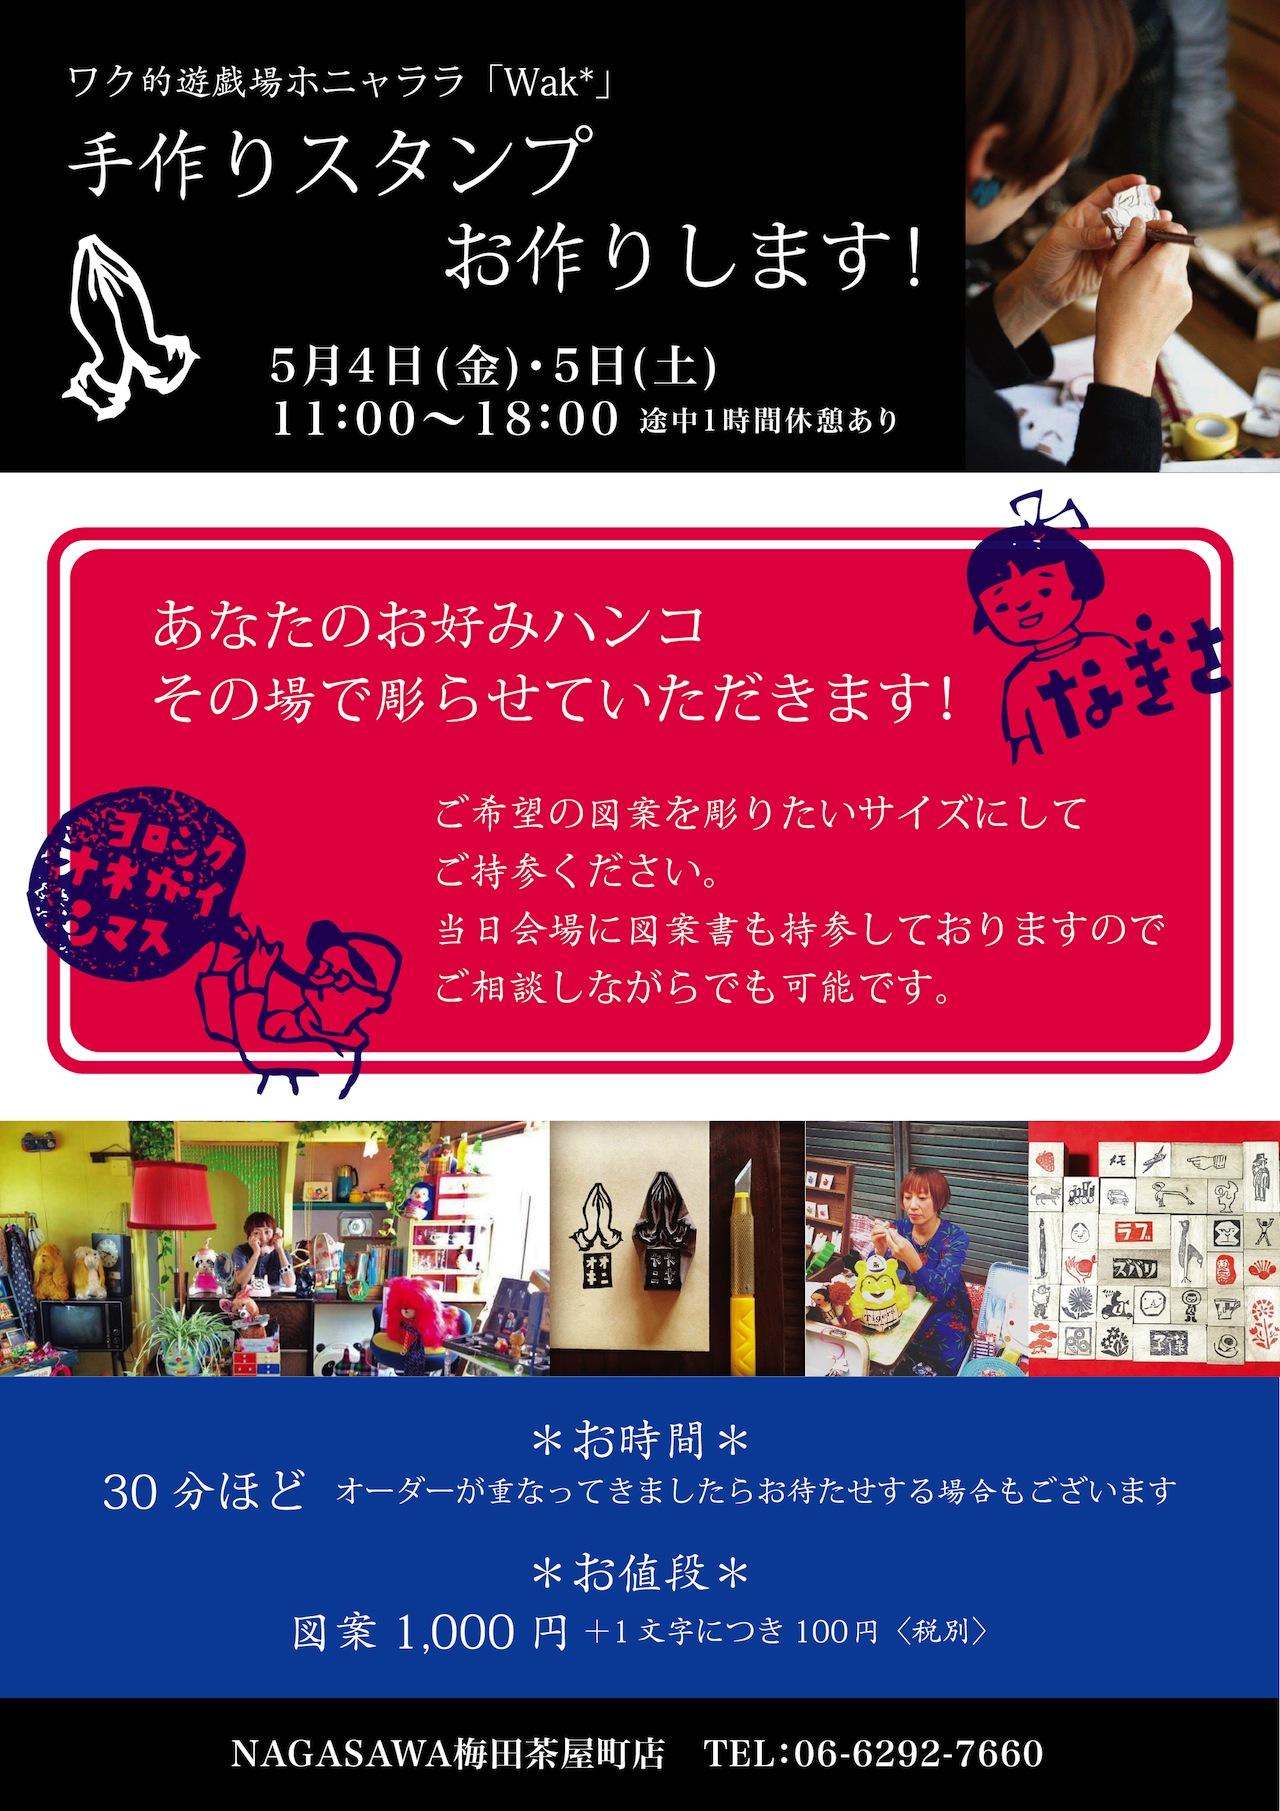 お好みハンコその場で彫らせていただきます!!|梅田茶屋町のイベント